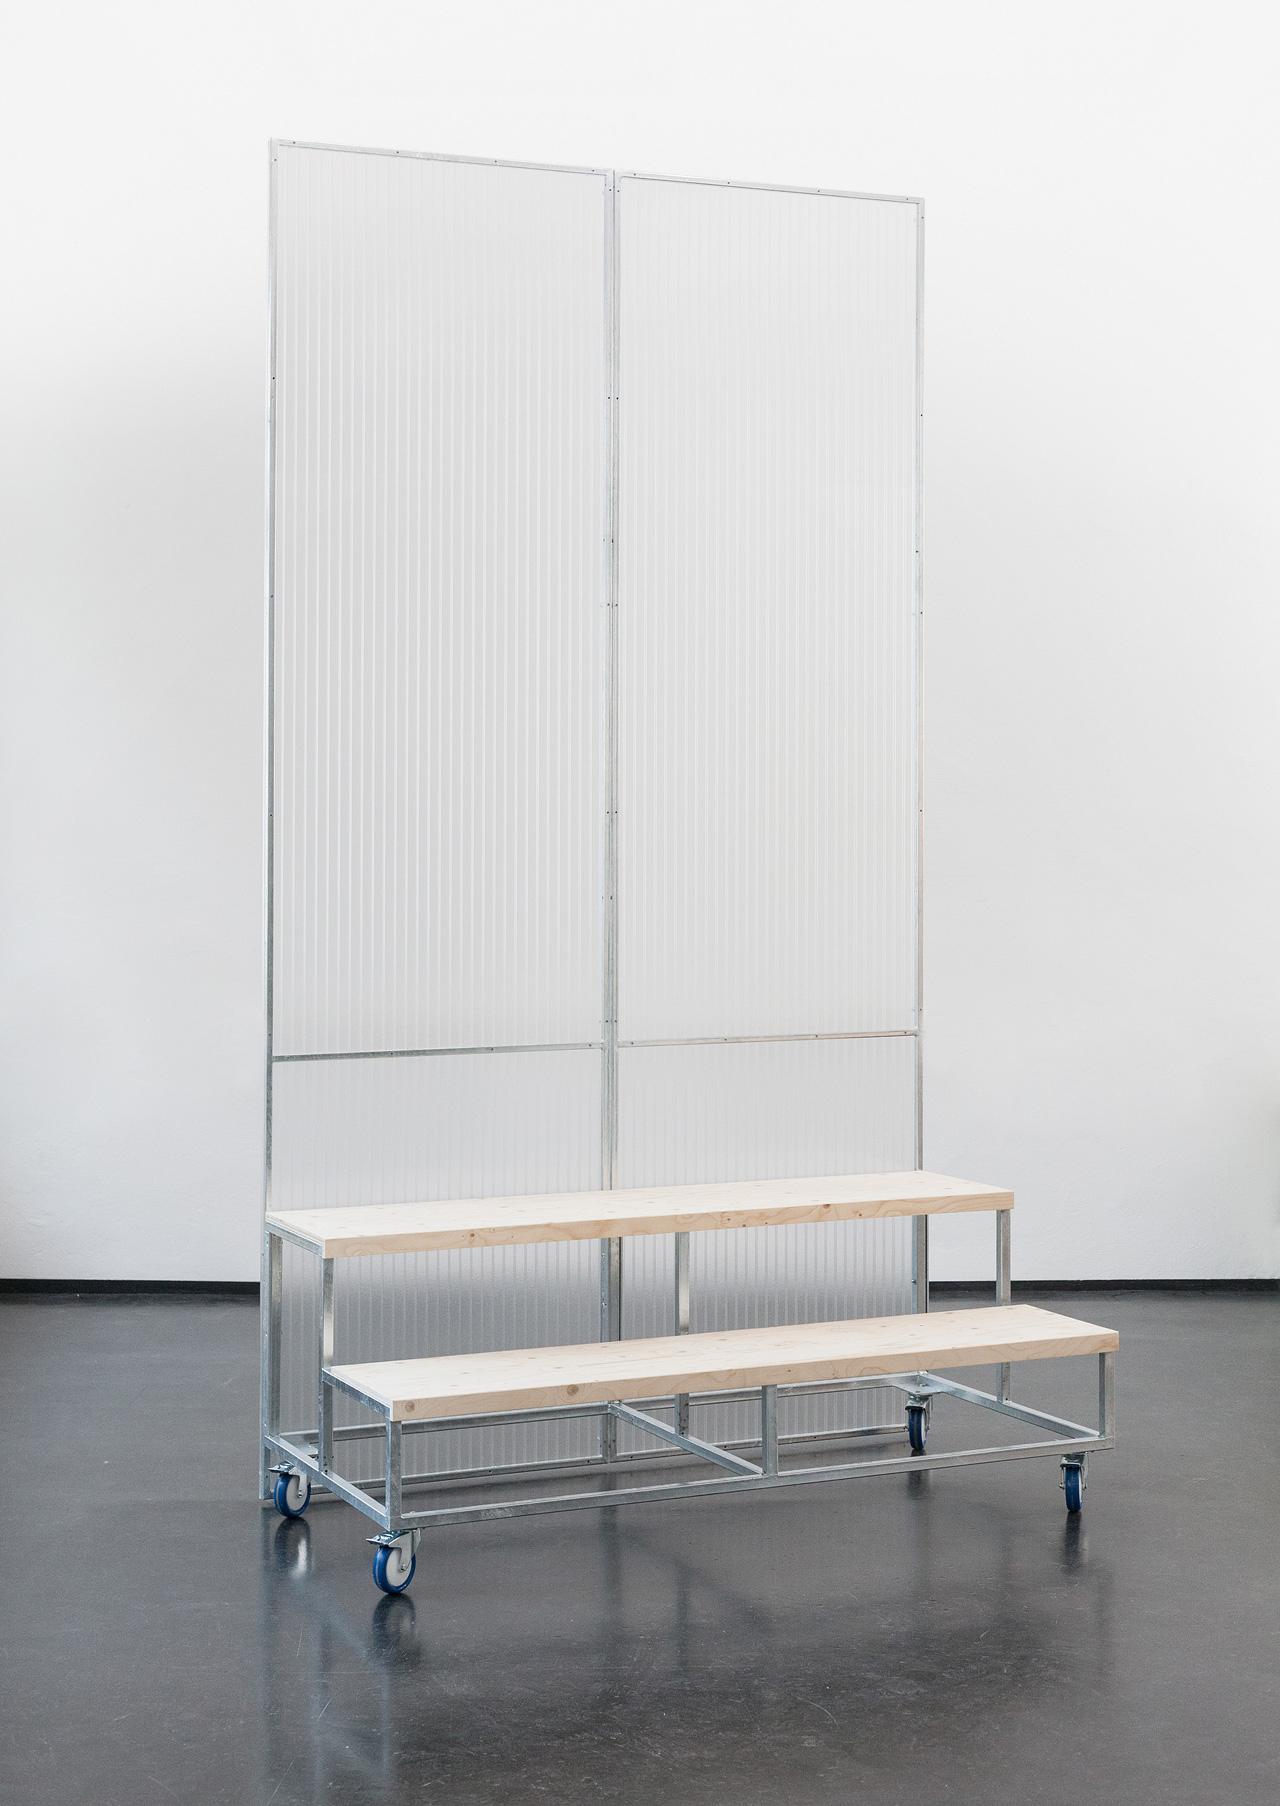 Drebes-Oertel-Shifting-Spaces-Portrait-01